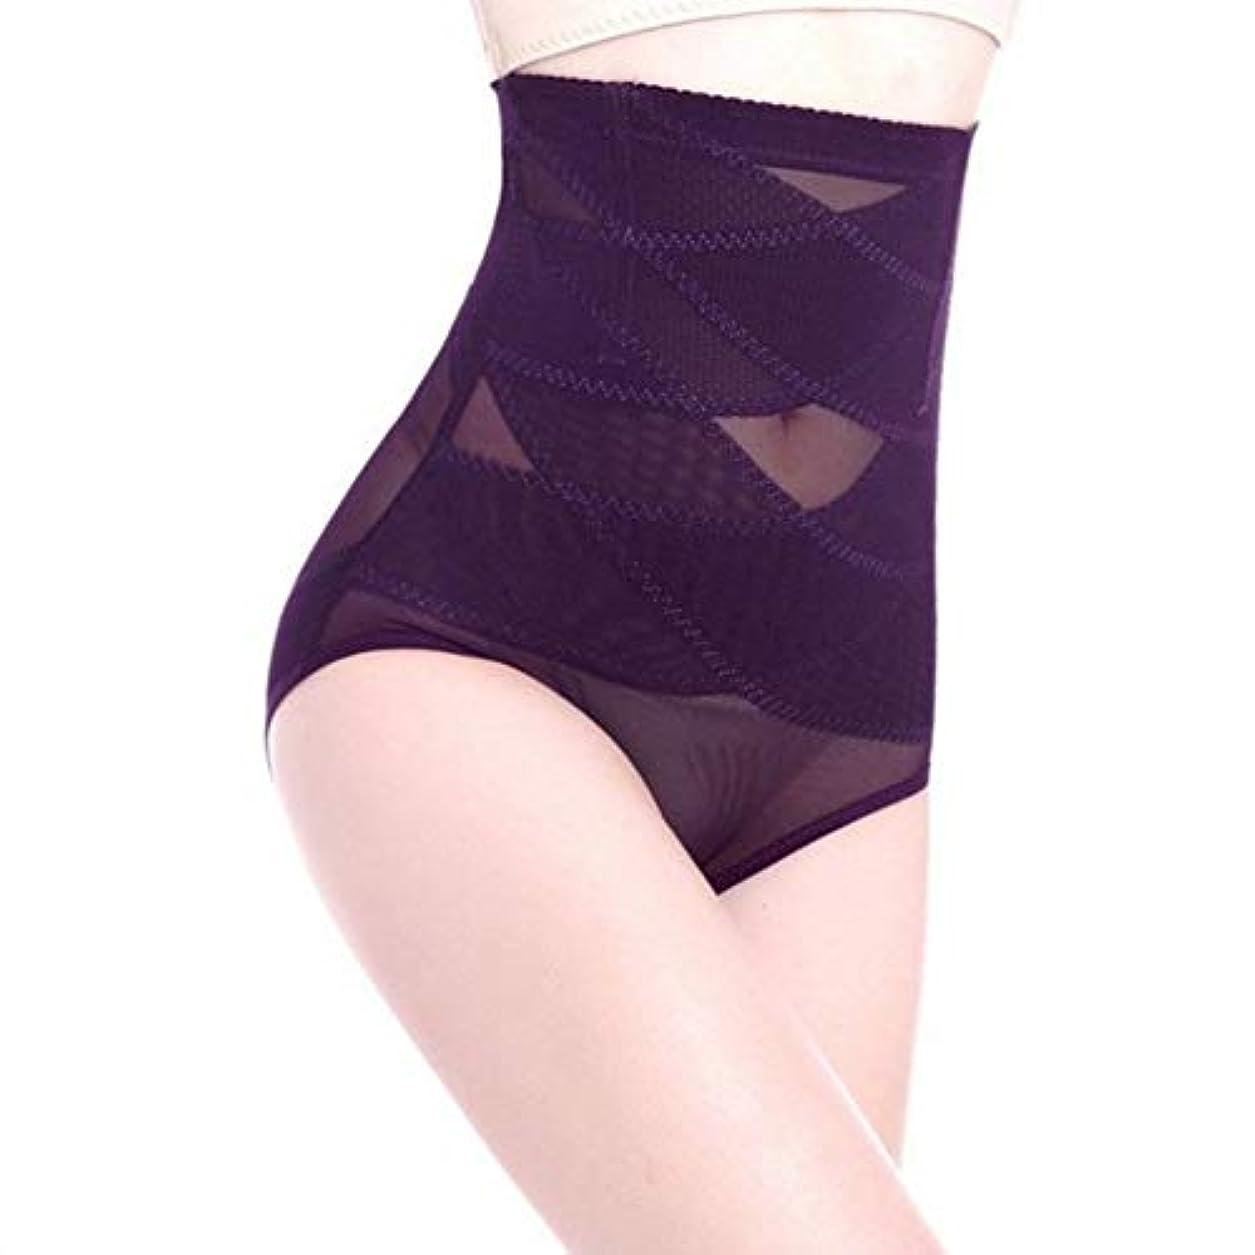 プロフィールだらしない破壊する通気性のあるハイウエスト女性痩身腹部コントロール下着シームレスおなかコントロールパンティーバットリフターボディシェイパー - パープル3 XL